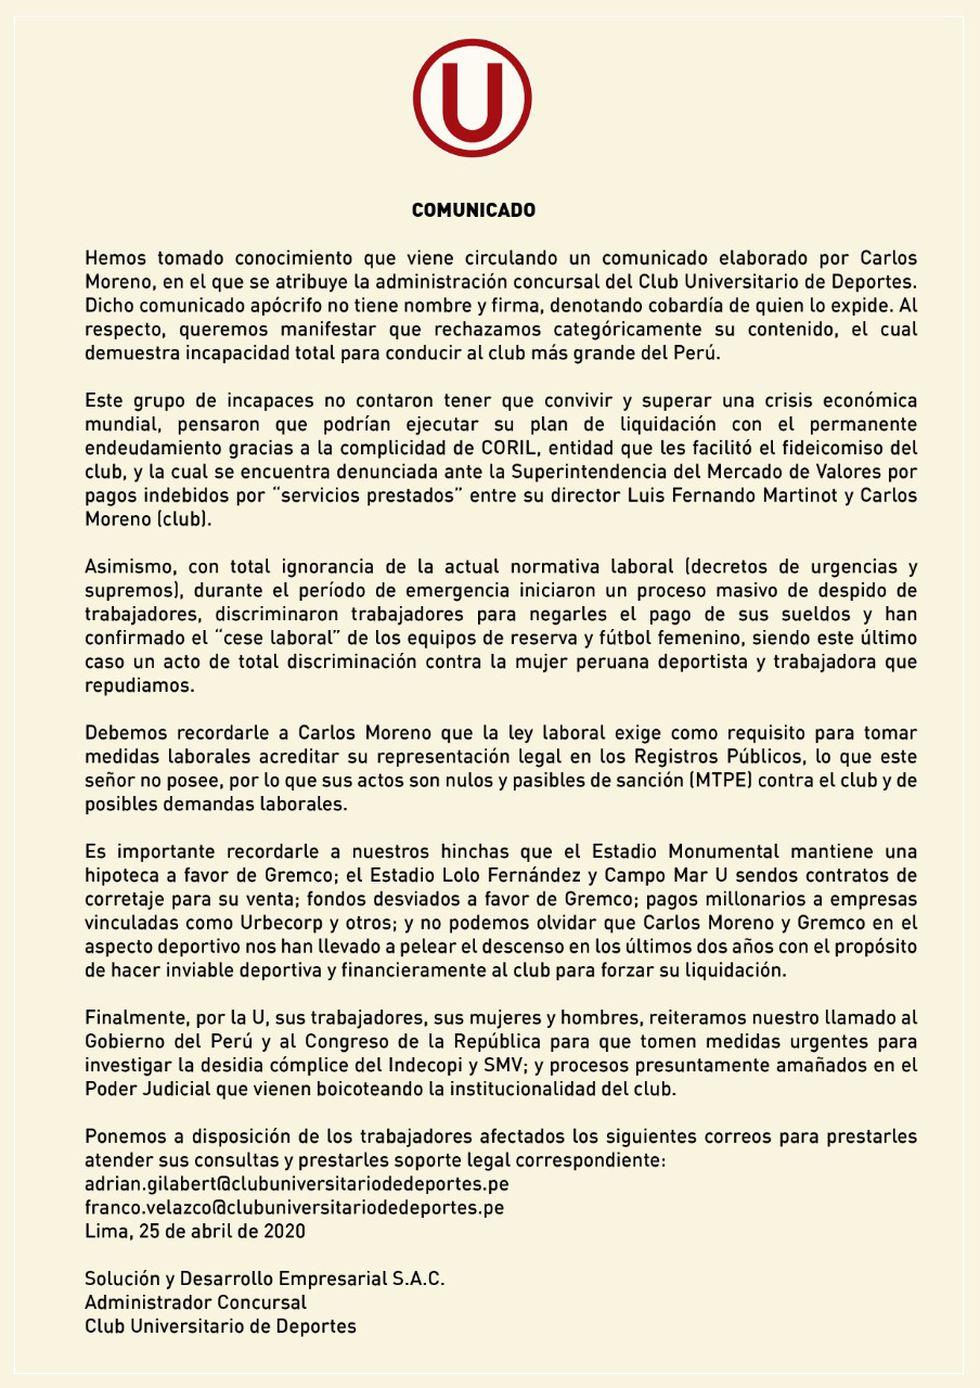 El comunicado de la administración de Raúl Leguía.